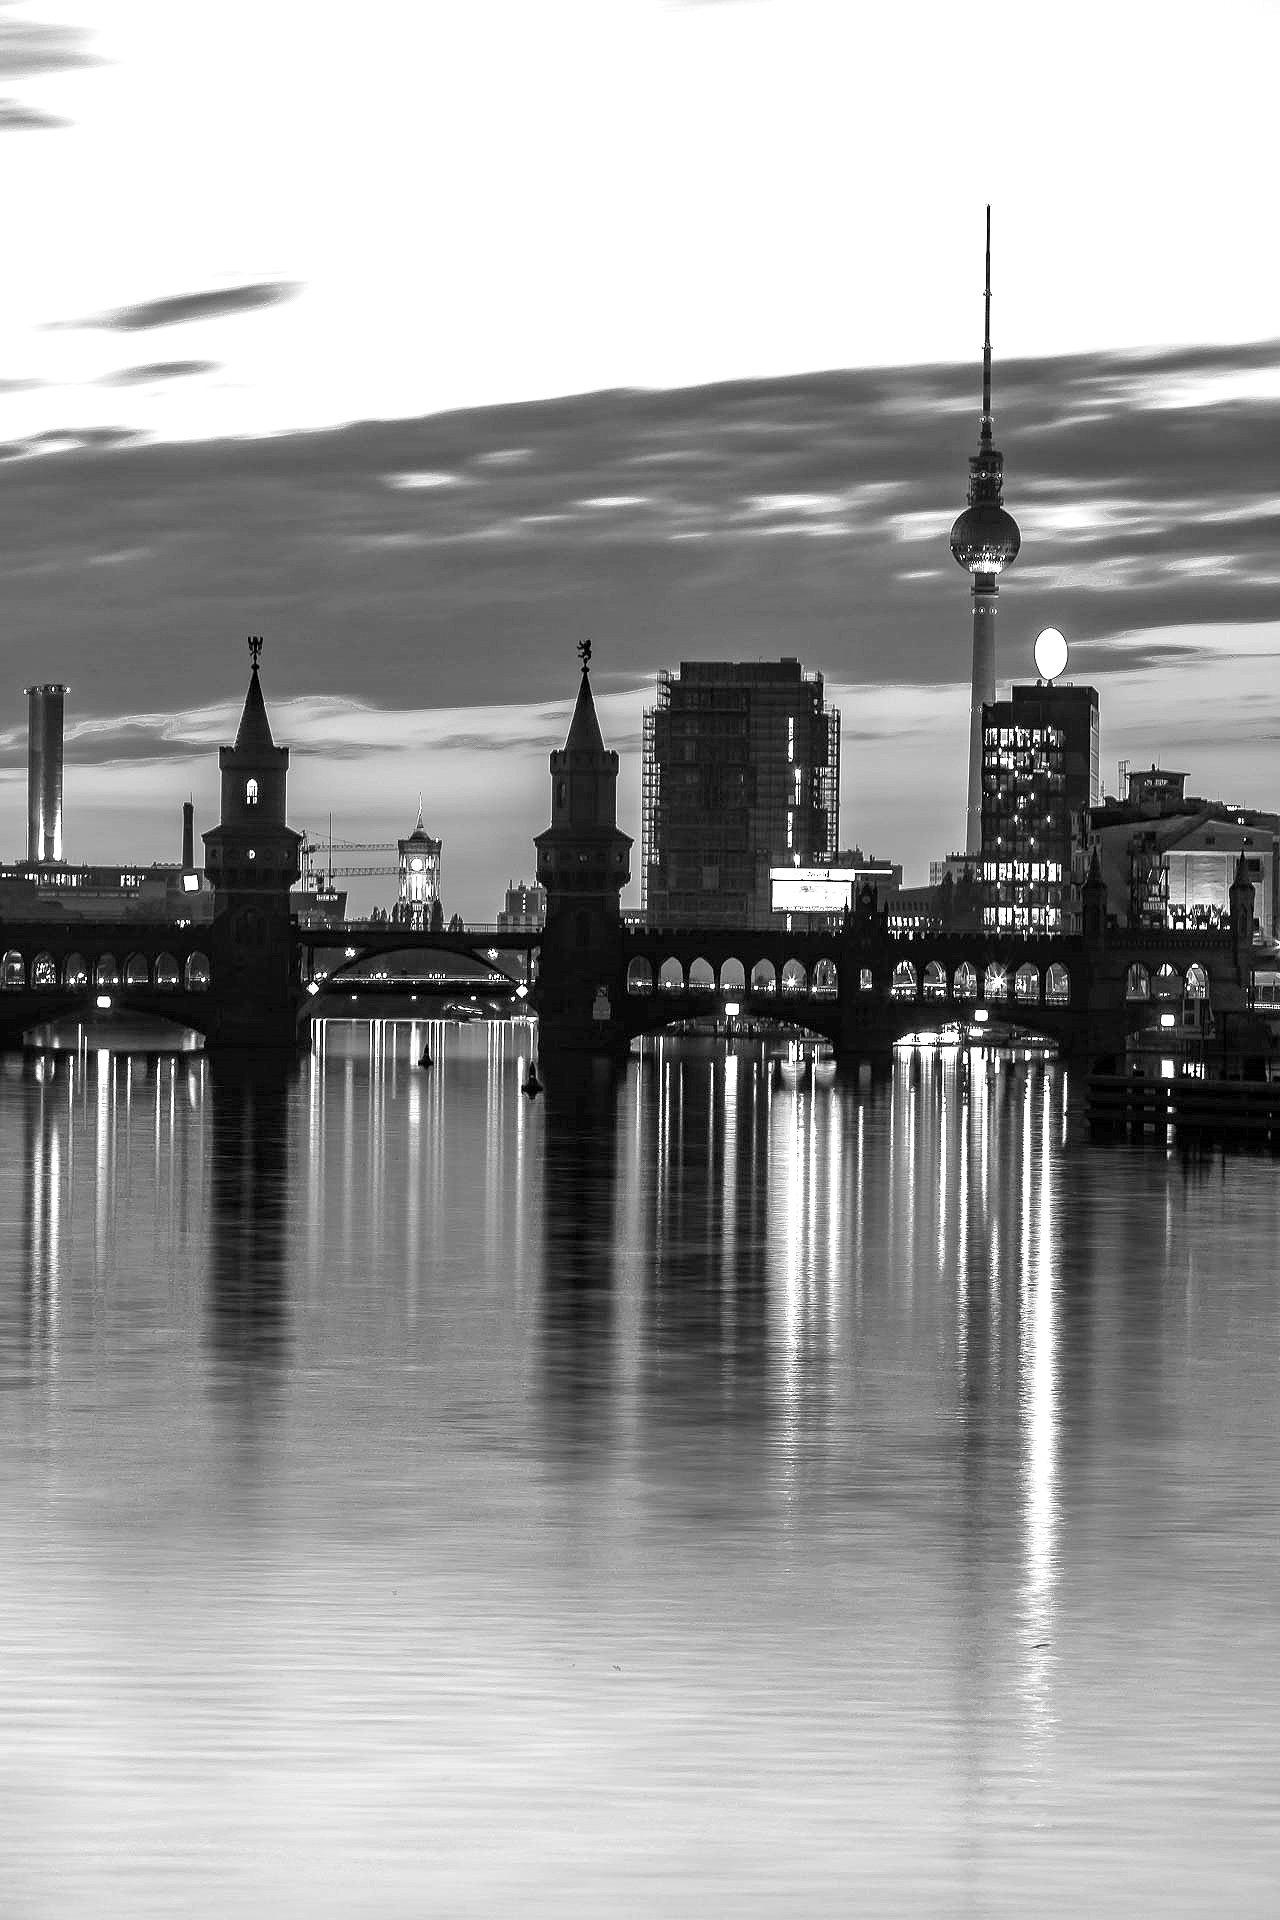 Berlin by JeckstadtPhotography